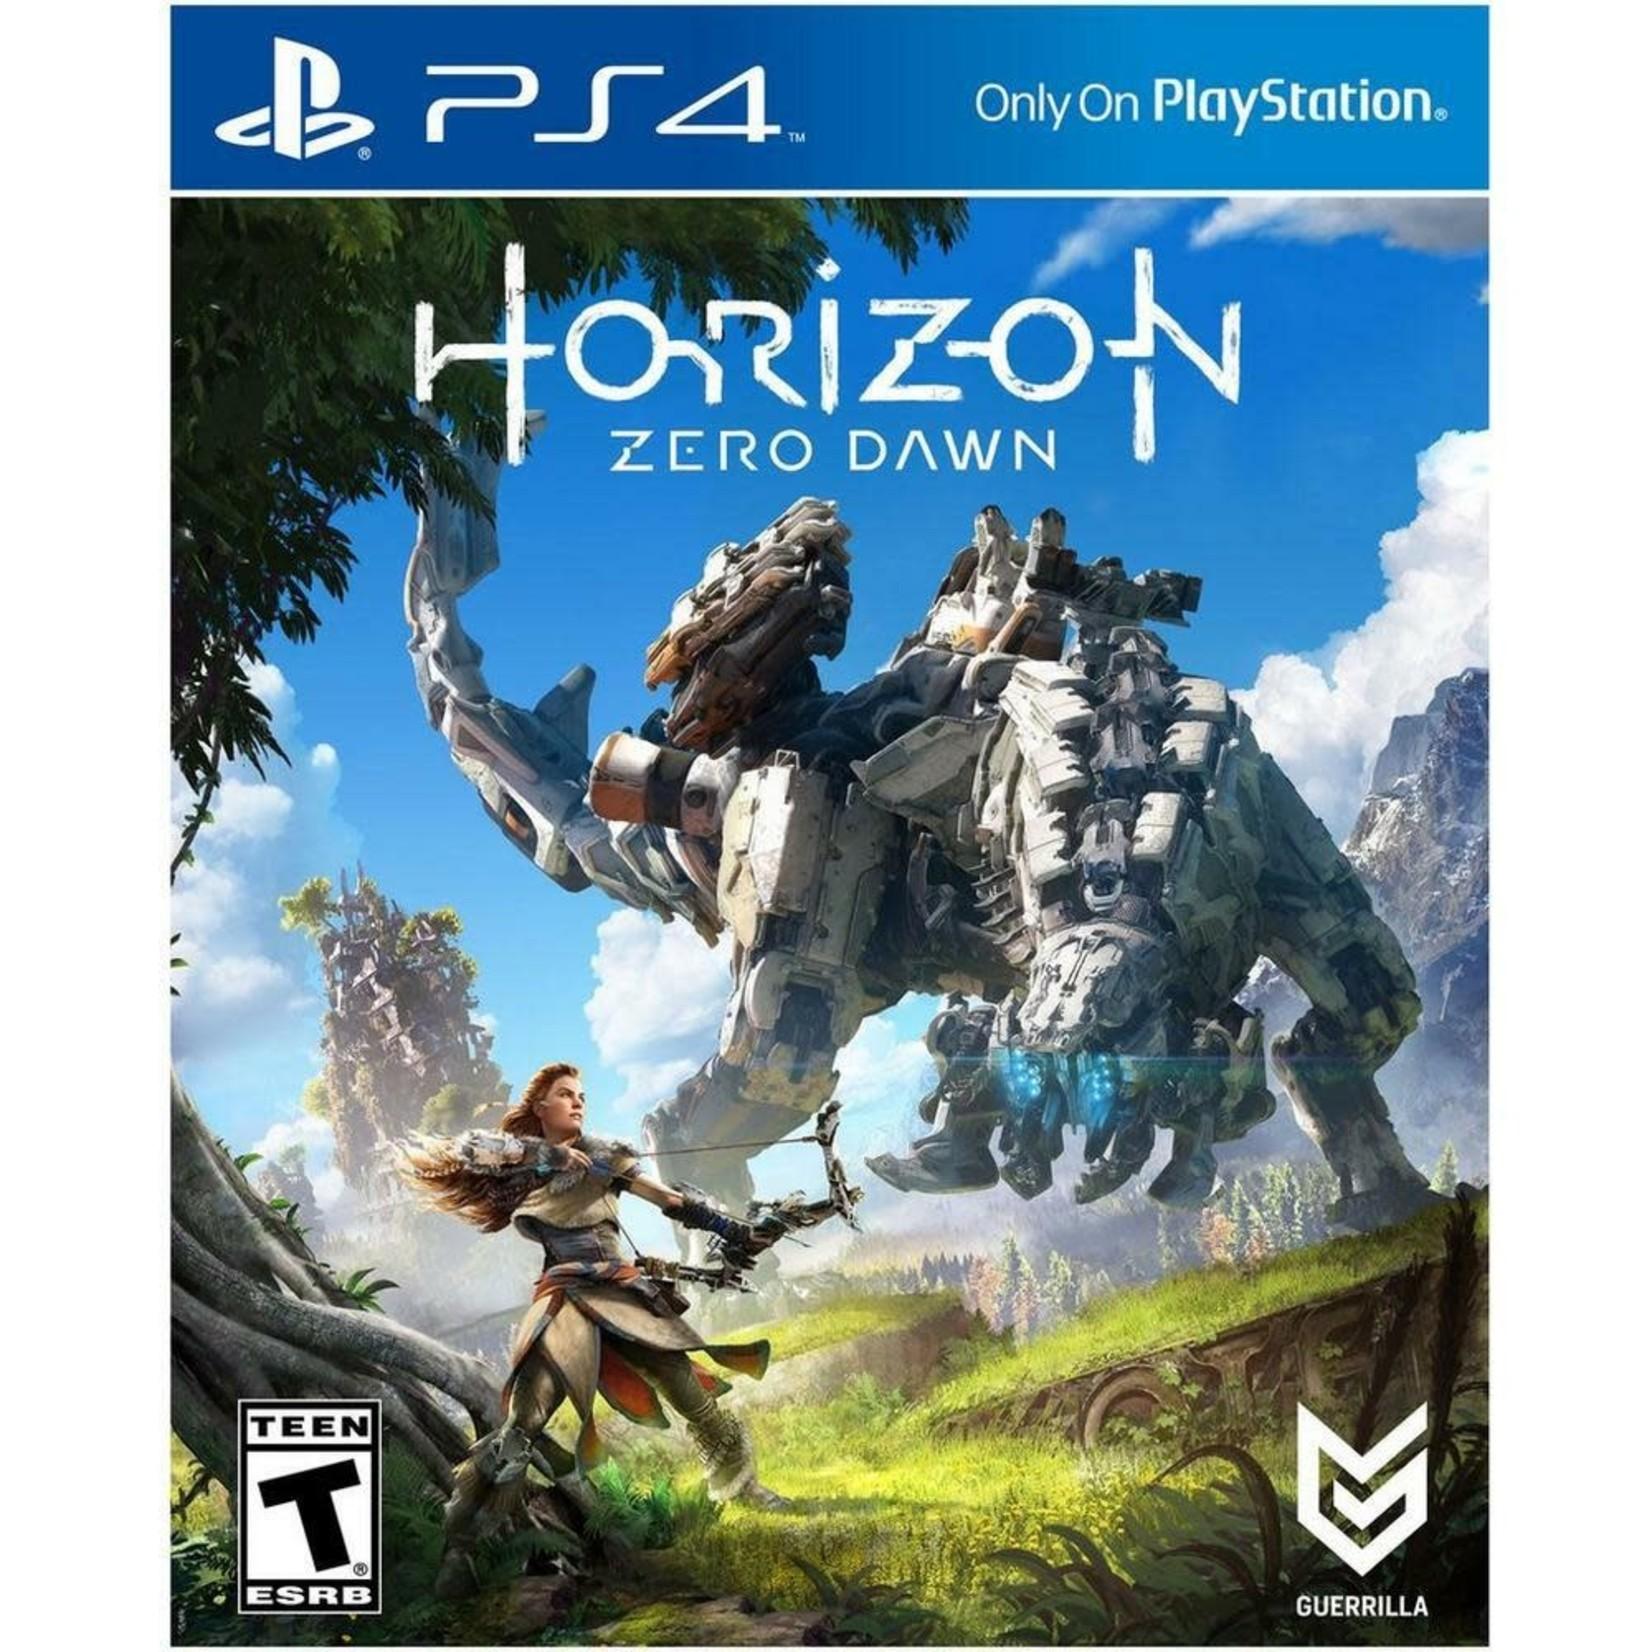 PS4U-Horizon Zero Dawn